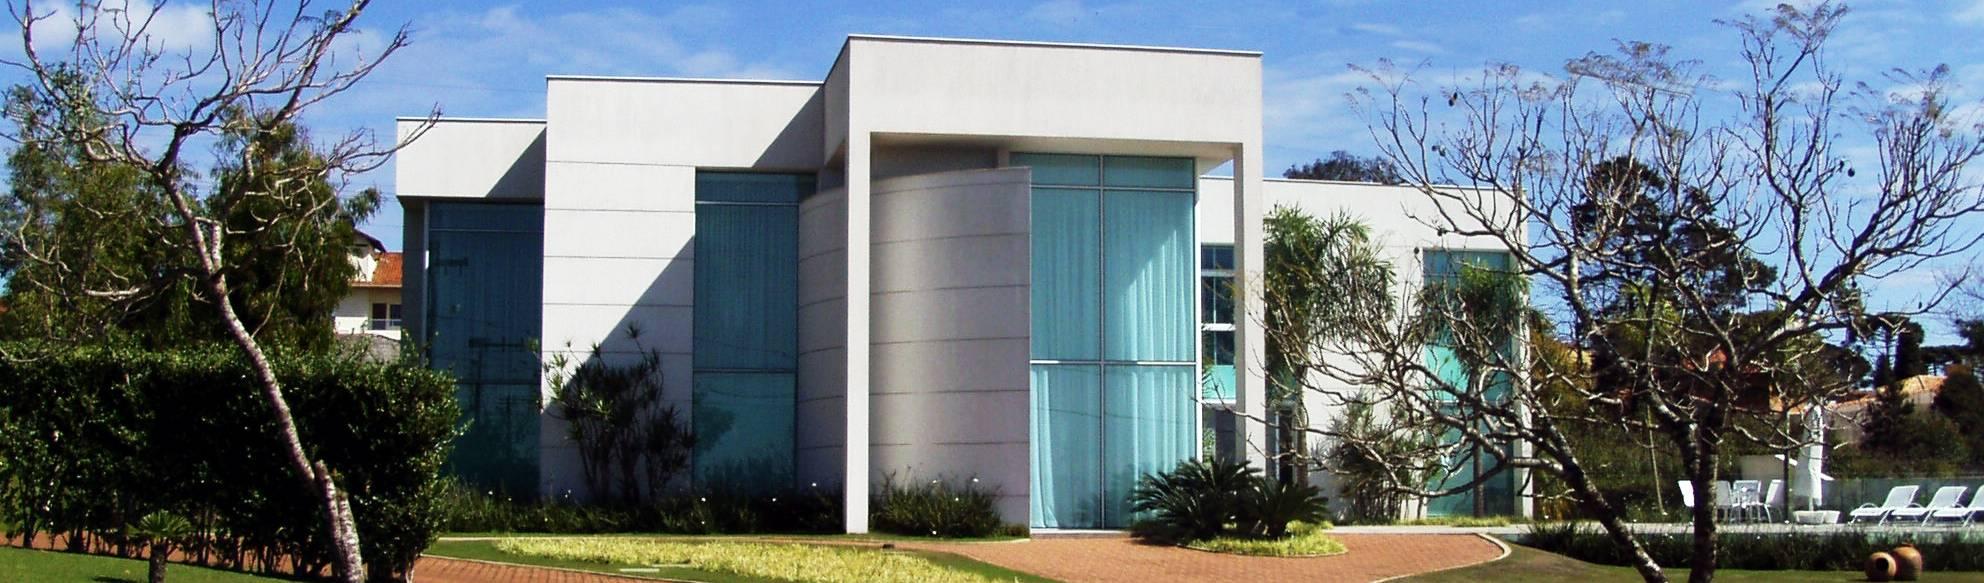 Repsold Arquitetos